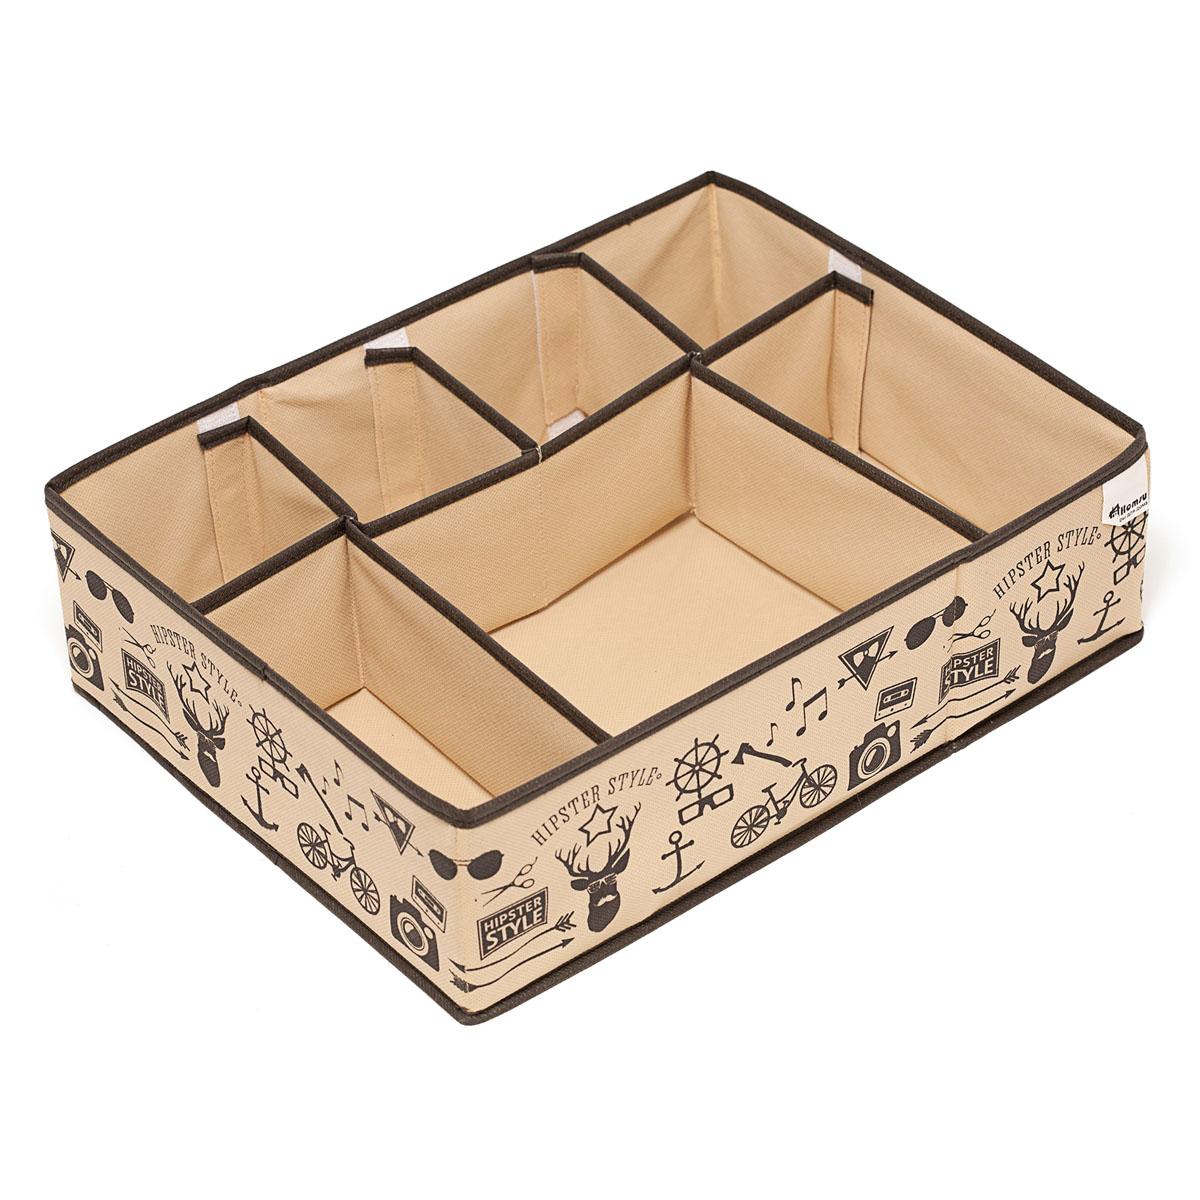 Органайзер для хранения вещей Homsu Hipster Style, 7 секций, 44 х 34 х 11 смHOM-121Компактный органайзер Homsu Hipster Style изготовлен из высококачественного полиэстера, который обеспечивает естественную вентиляцию. Материал позволяет воздуху свободно проникать внутрь, но не пропускает пыль. Органайзер отлично держит форму, благодаря вставкам из плотного картона. Изделие имеет 7 секций для хранения нижнего белья, колготок, носков и другой одежды. Такой органайзер позволит вам хранить вещи компактно и удобно, а оригинальный дизайн сделает вашу гардеробную красивой и невероятно стильной.